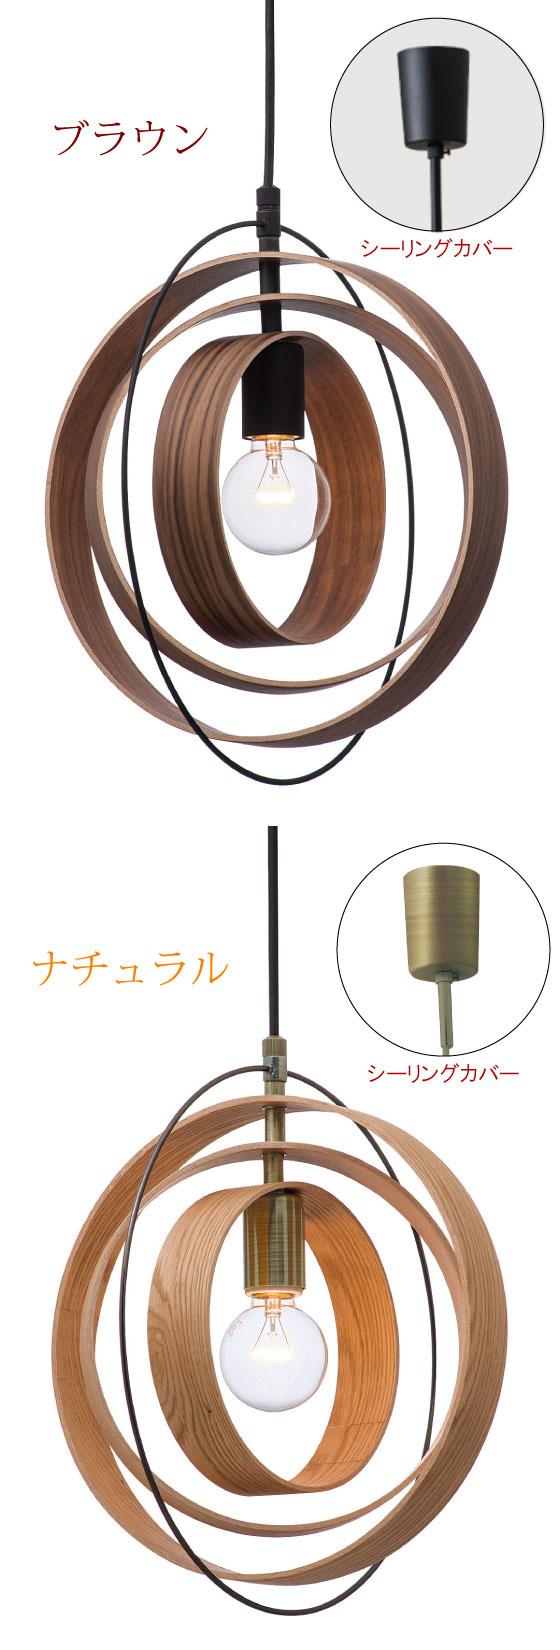 ウッドリング製ハイデザイン1灯ペンダントランプ(LED対応)